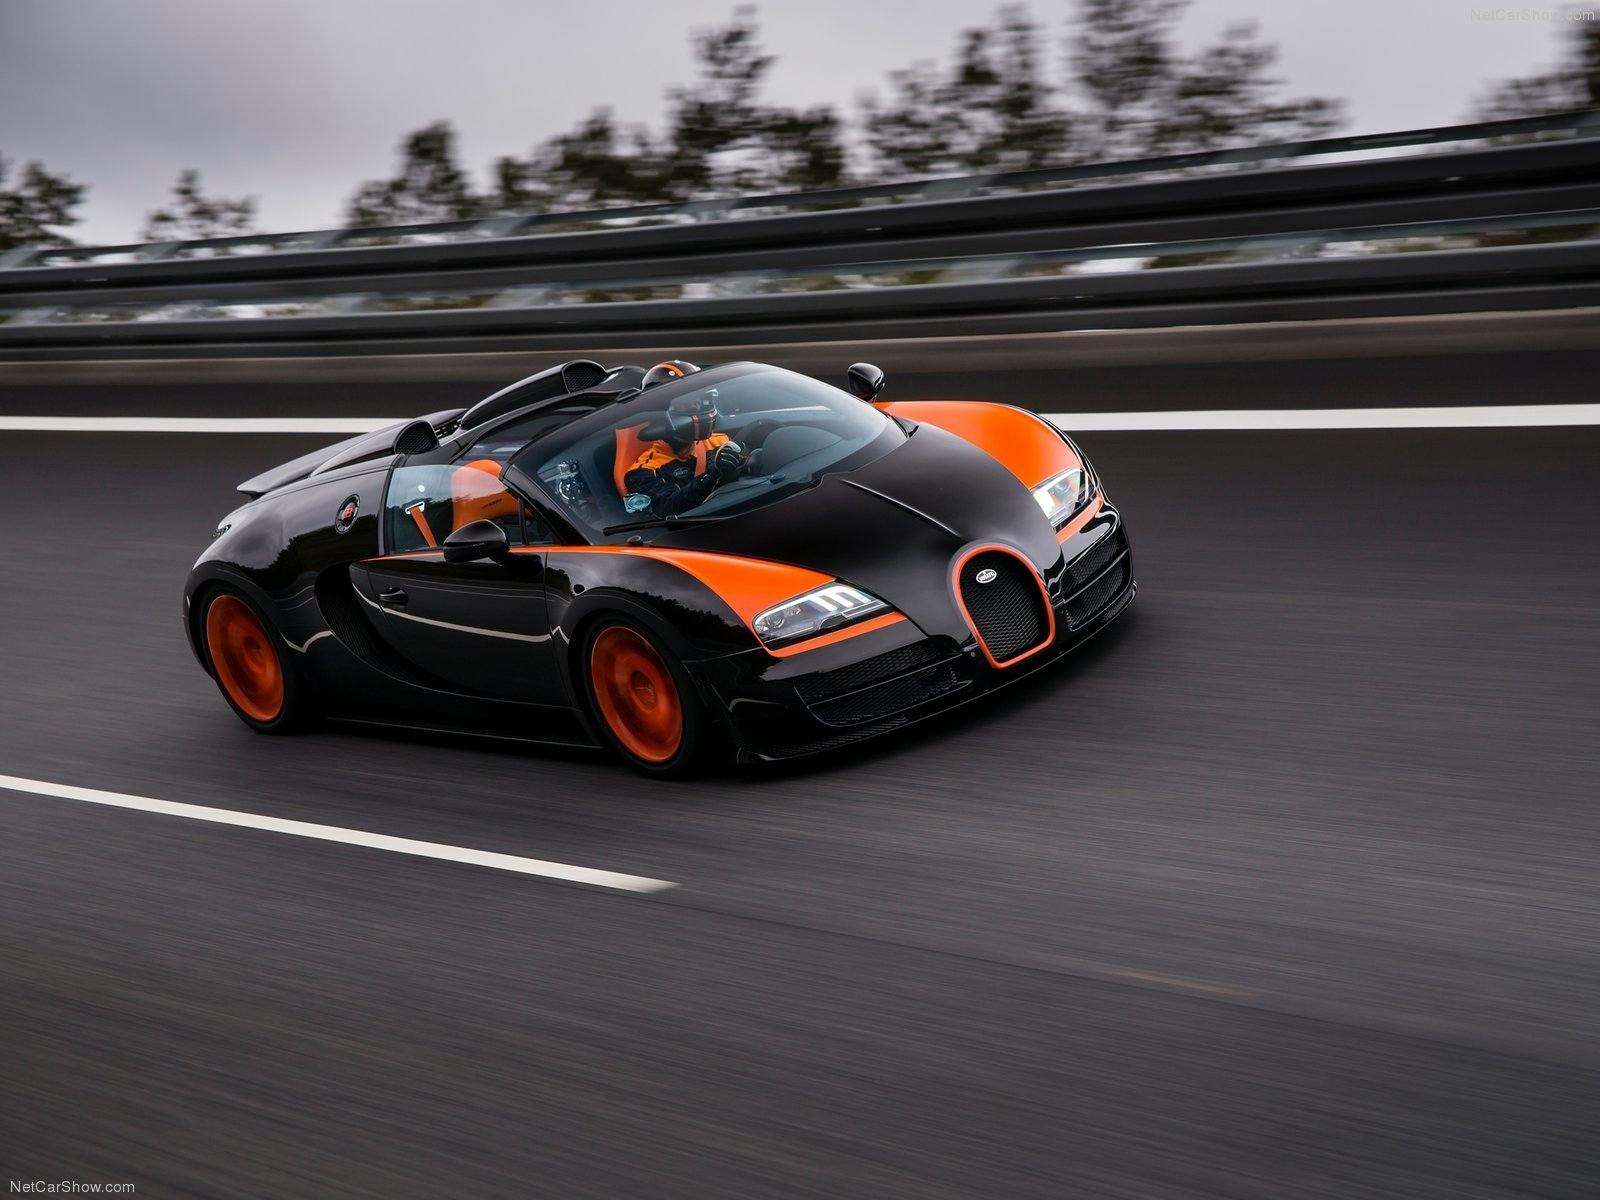 بوگاتی ویرون، رکورددار حداکثر سرعت خودرو بدون سقف جهان